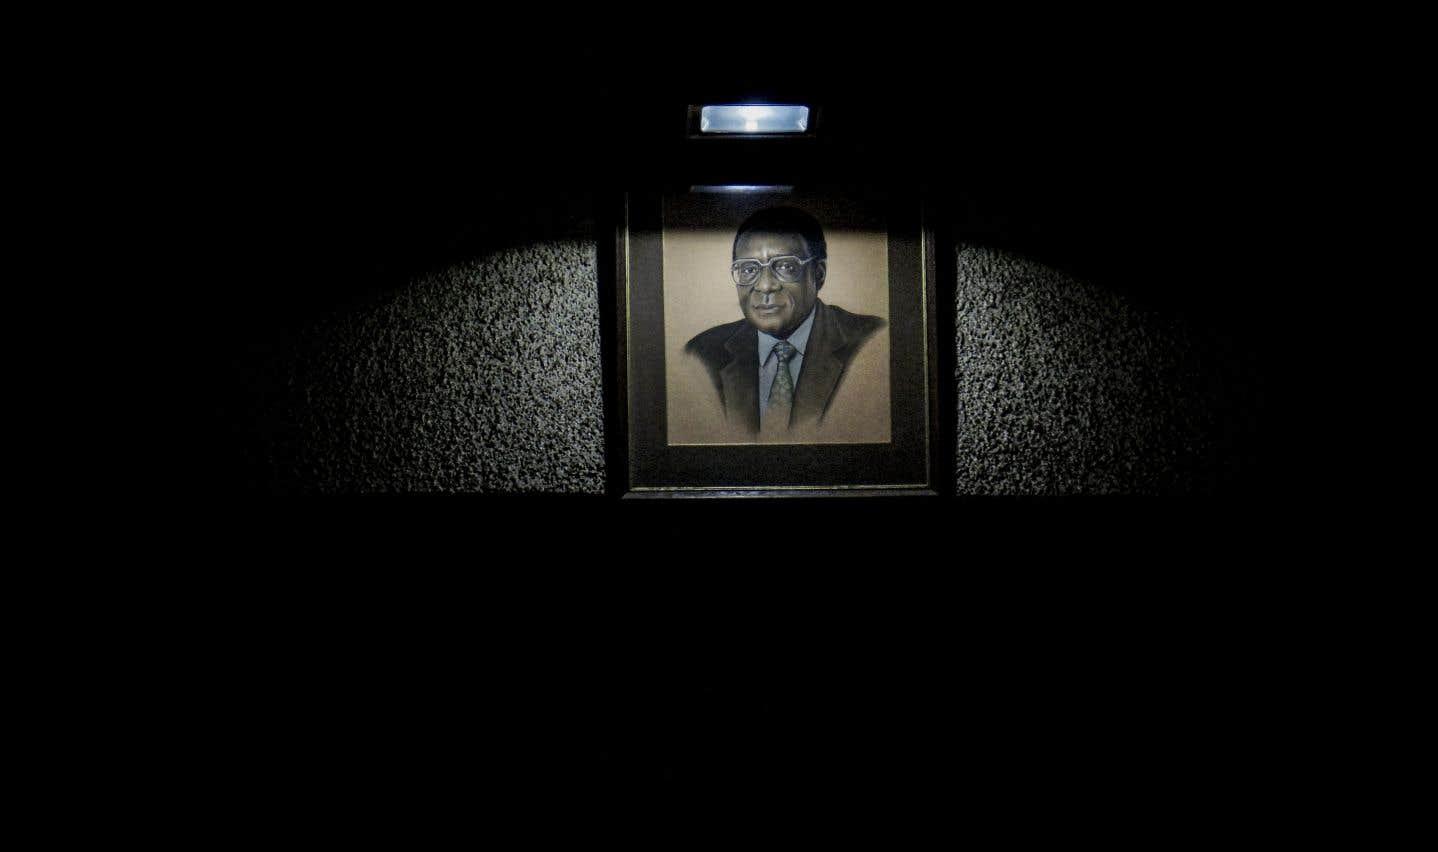 Trente-sept ans de règne Mugabe ont laissé le pays exsangue.